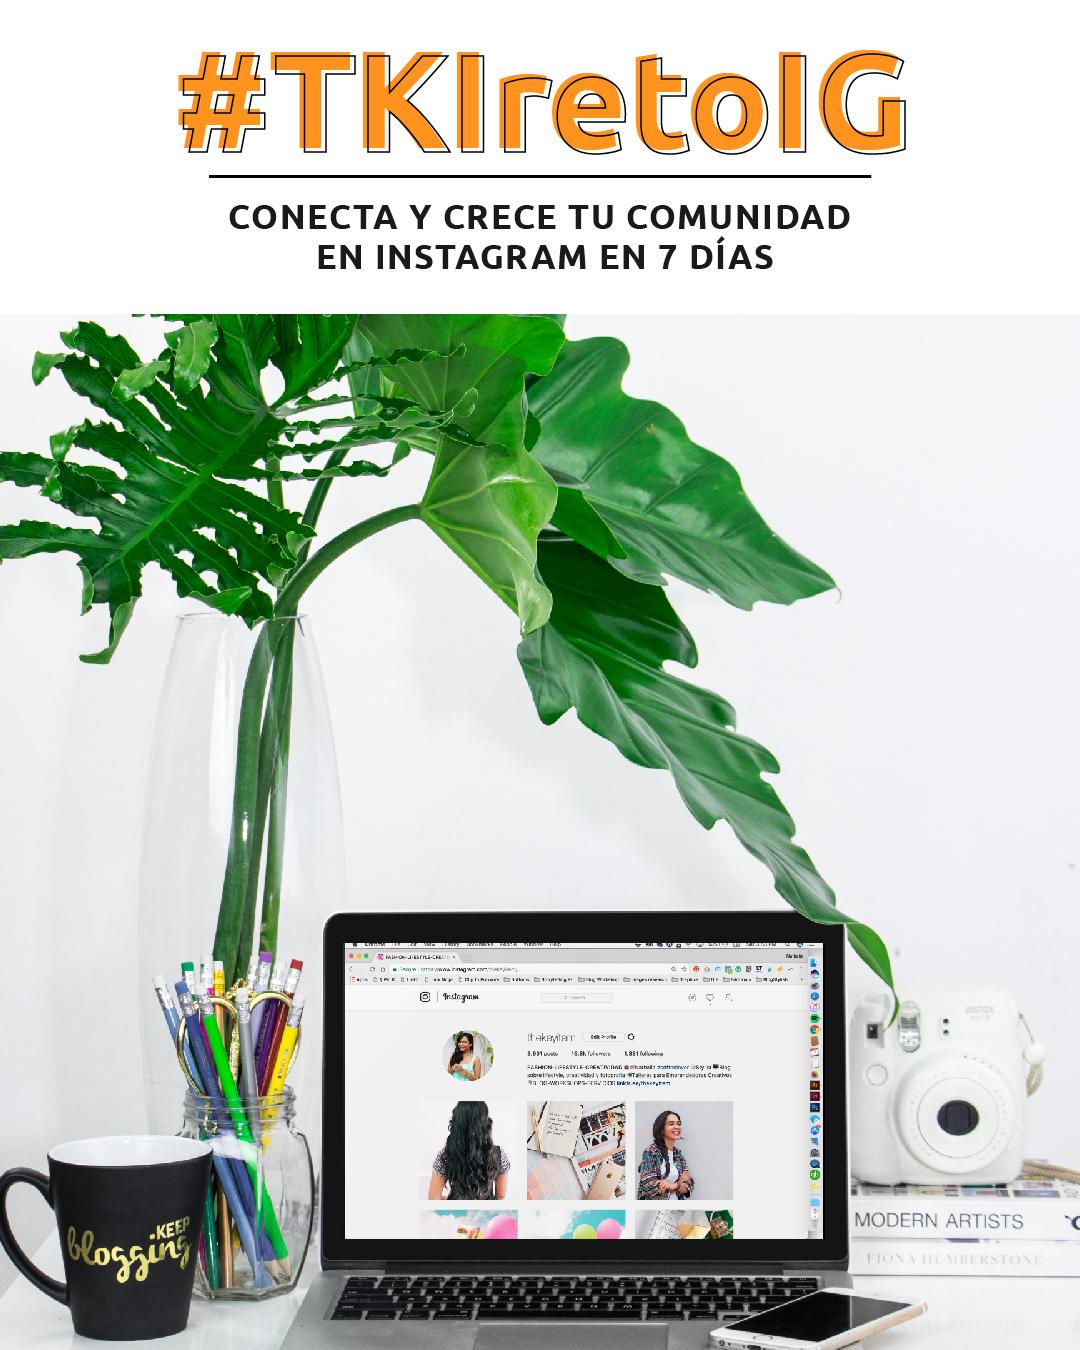 #TKIretoIG | Conecta & Crece Tu Marca en Instagram en 7 Días. ¡Tenemos nuevo reto! Actualmente no solo lo visual importa, también tiene que ir de la mano de un buen contenido. Por lo que he decidido crear un reto no solo de fotografía sino también de storytelling. Aprenderemos a transmitir más y conectar con nuestra comunidad. ¡Participa!